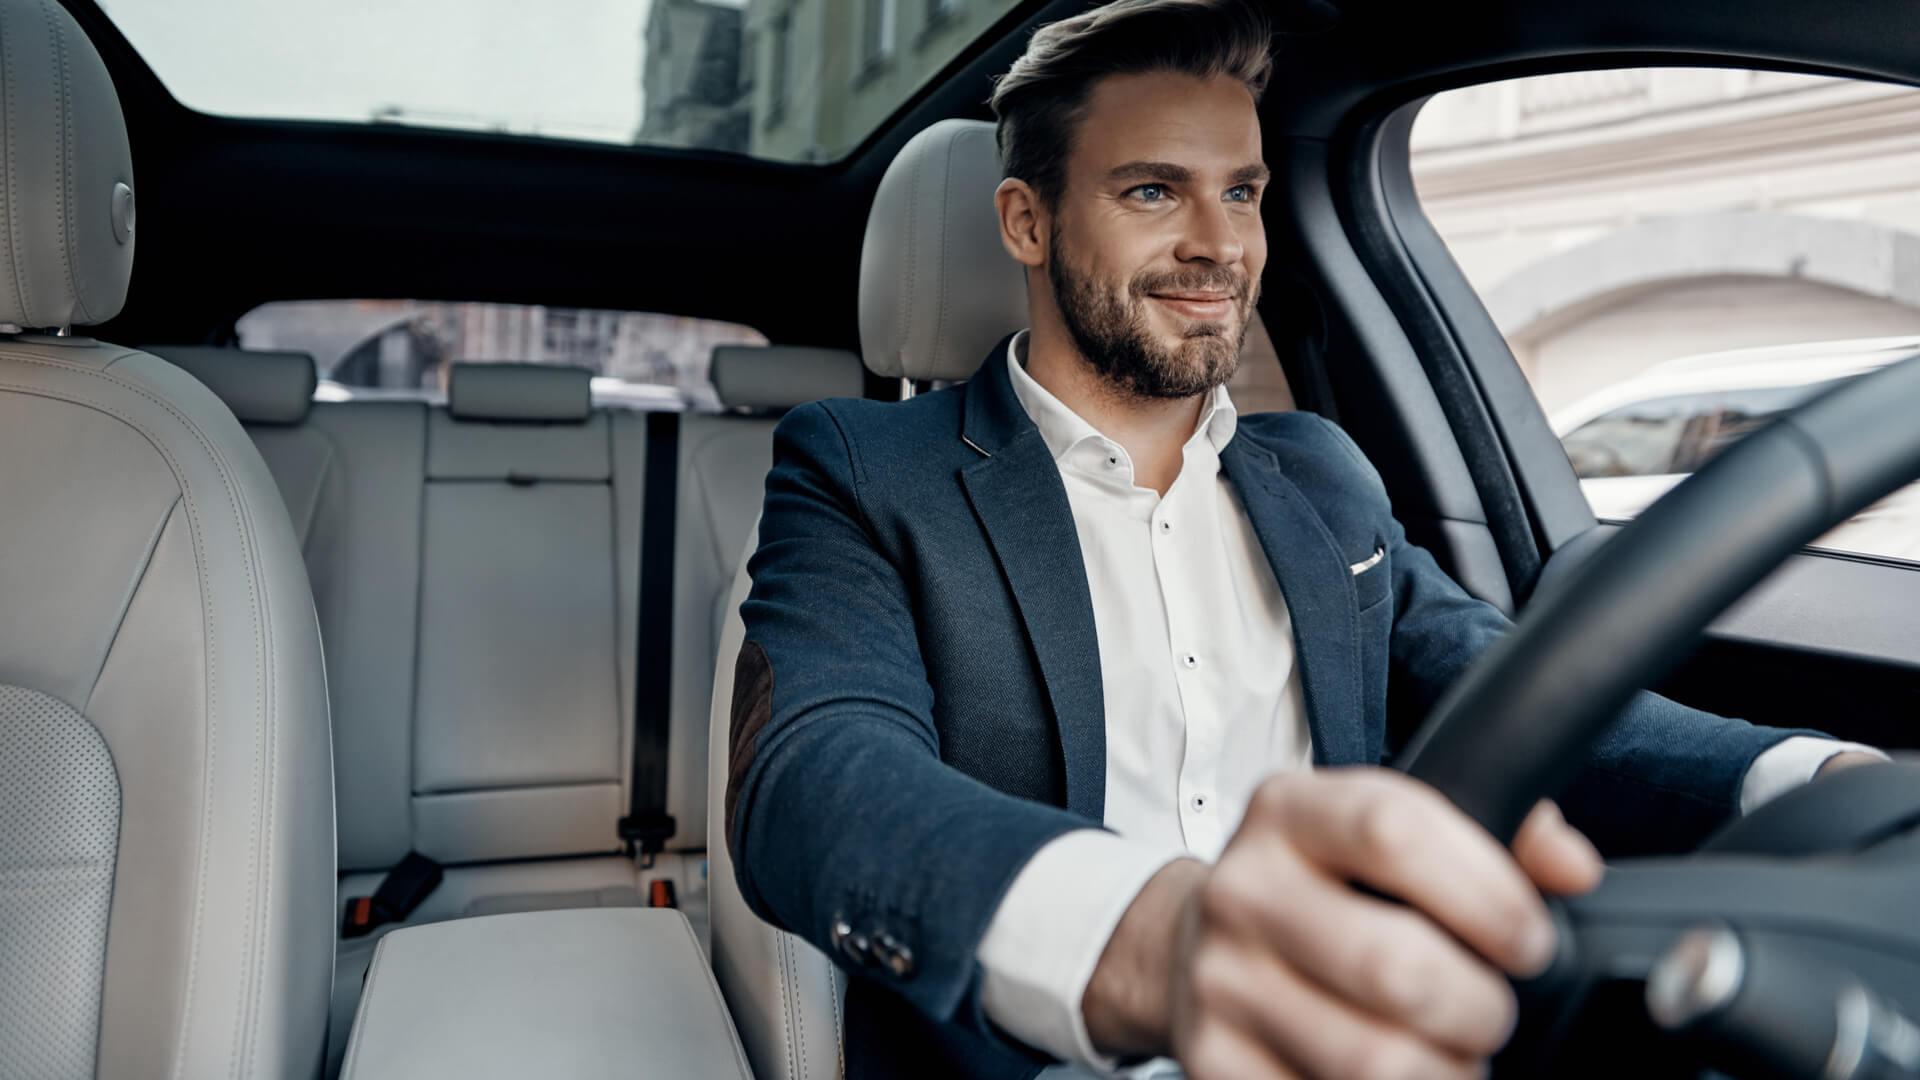 Business Driver Information Header Image